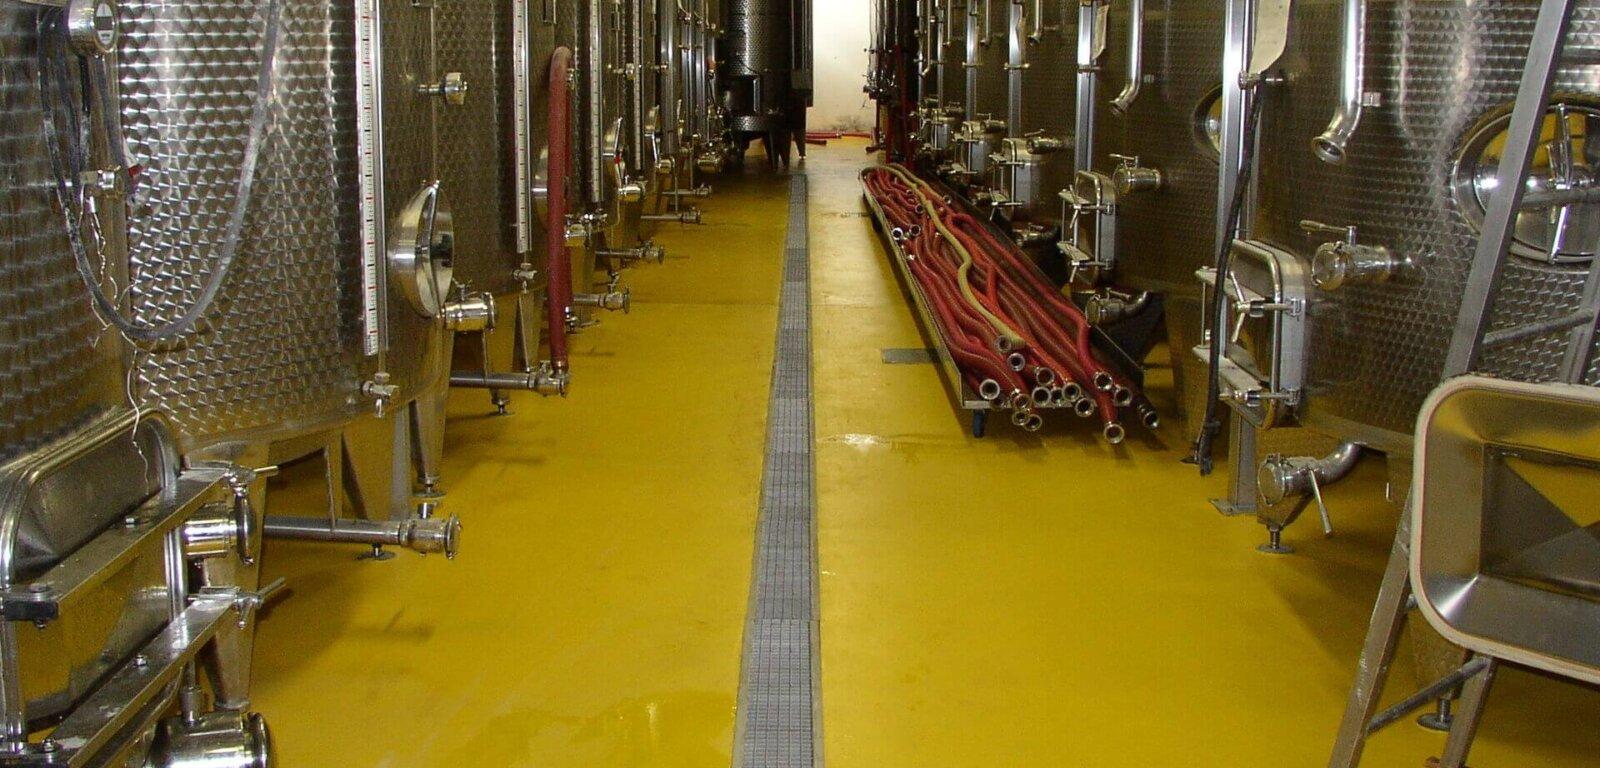 Autoclavi per la produzione del vino poggiate su di una pavimentazione in resina ad uso alimentare in una cantina.